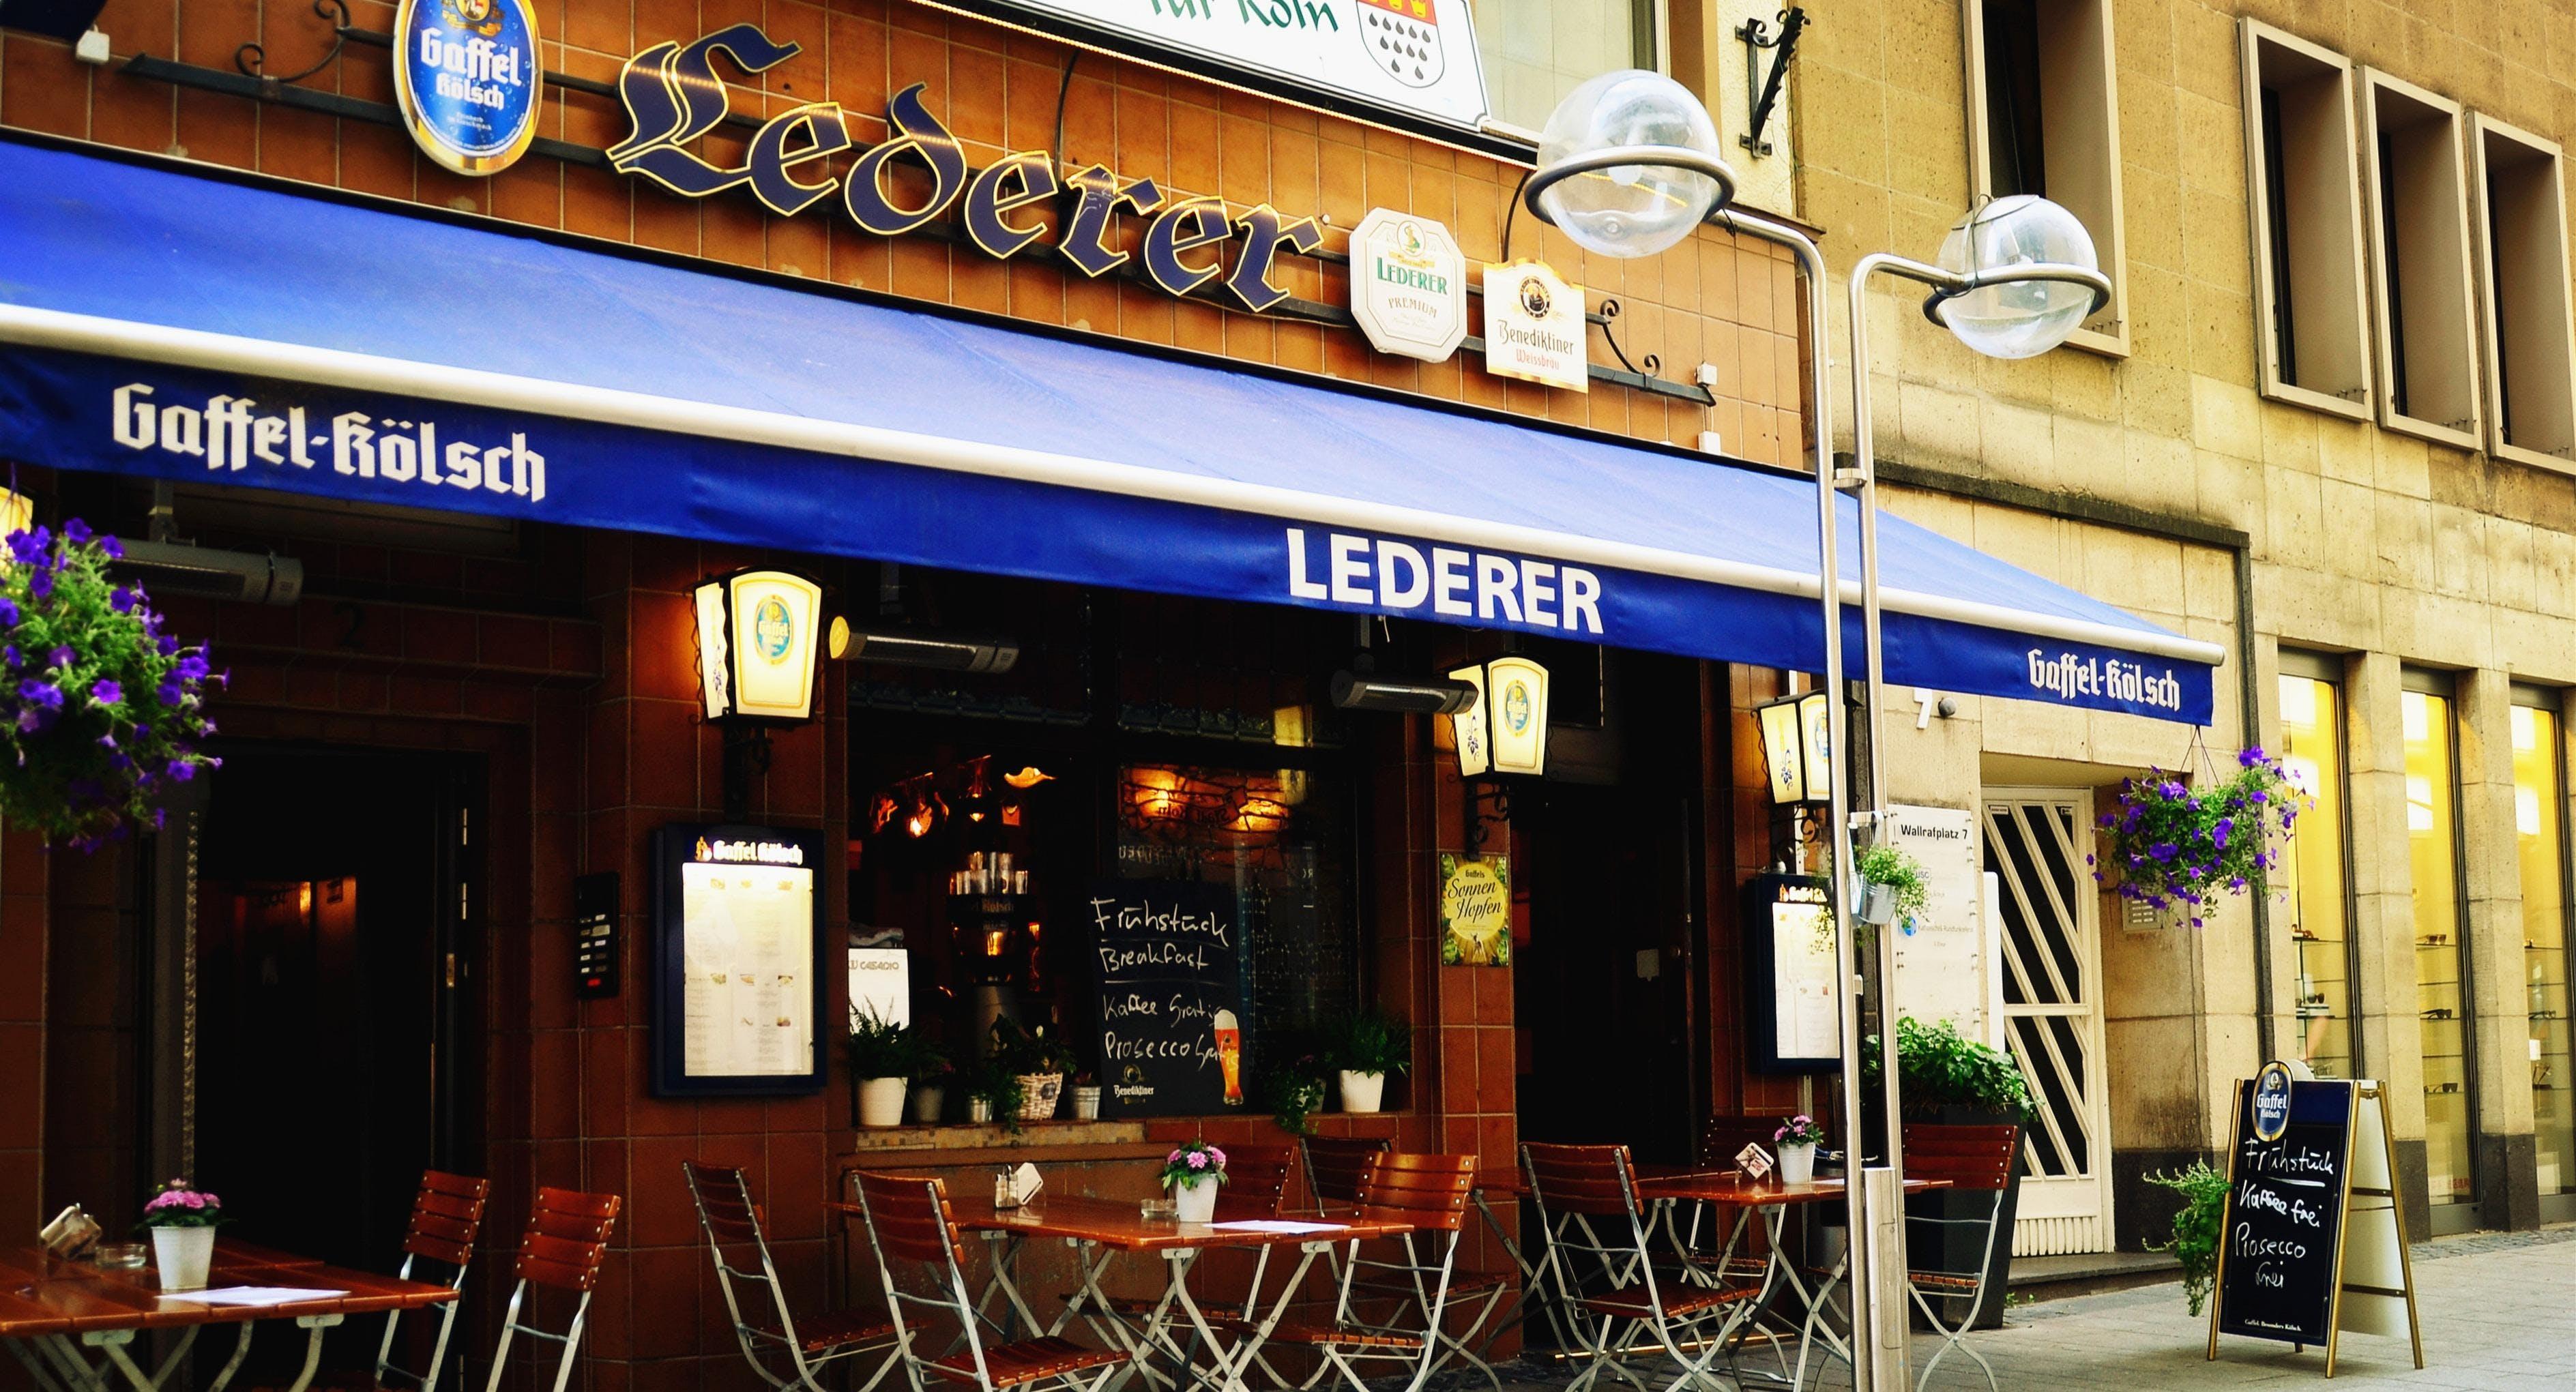 Gaststätte Lederer Köln image 1